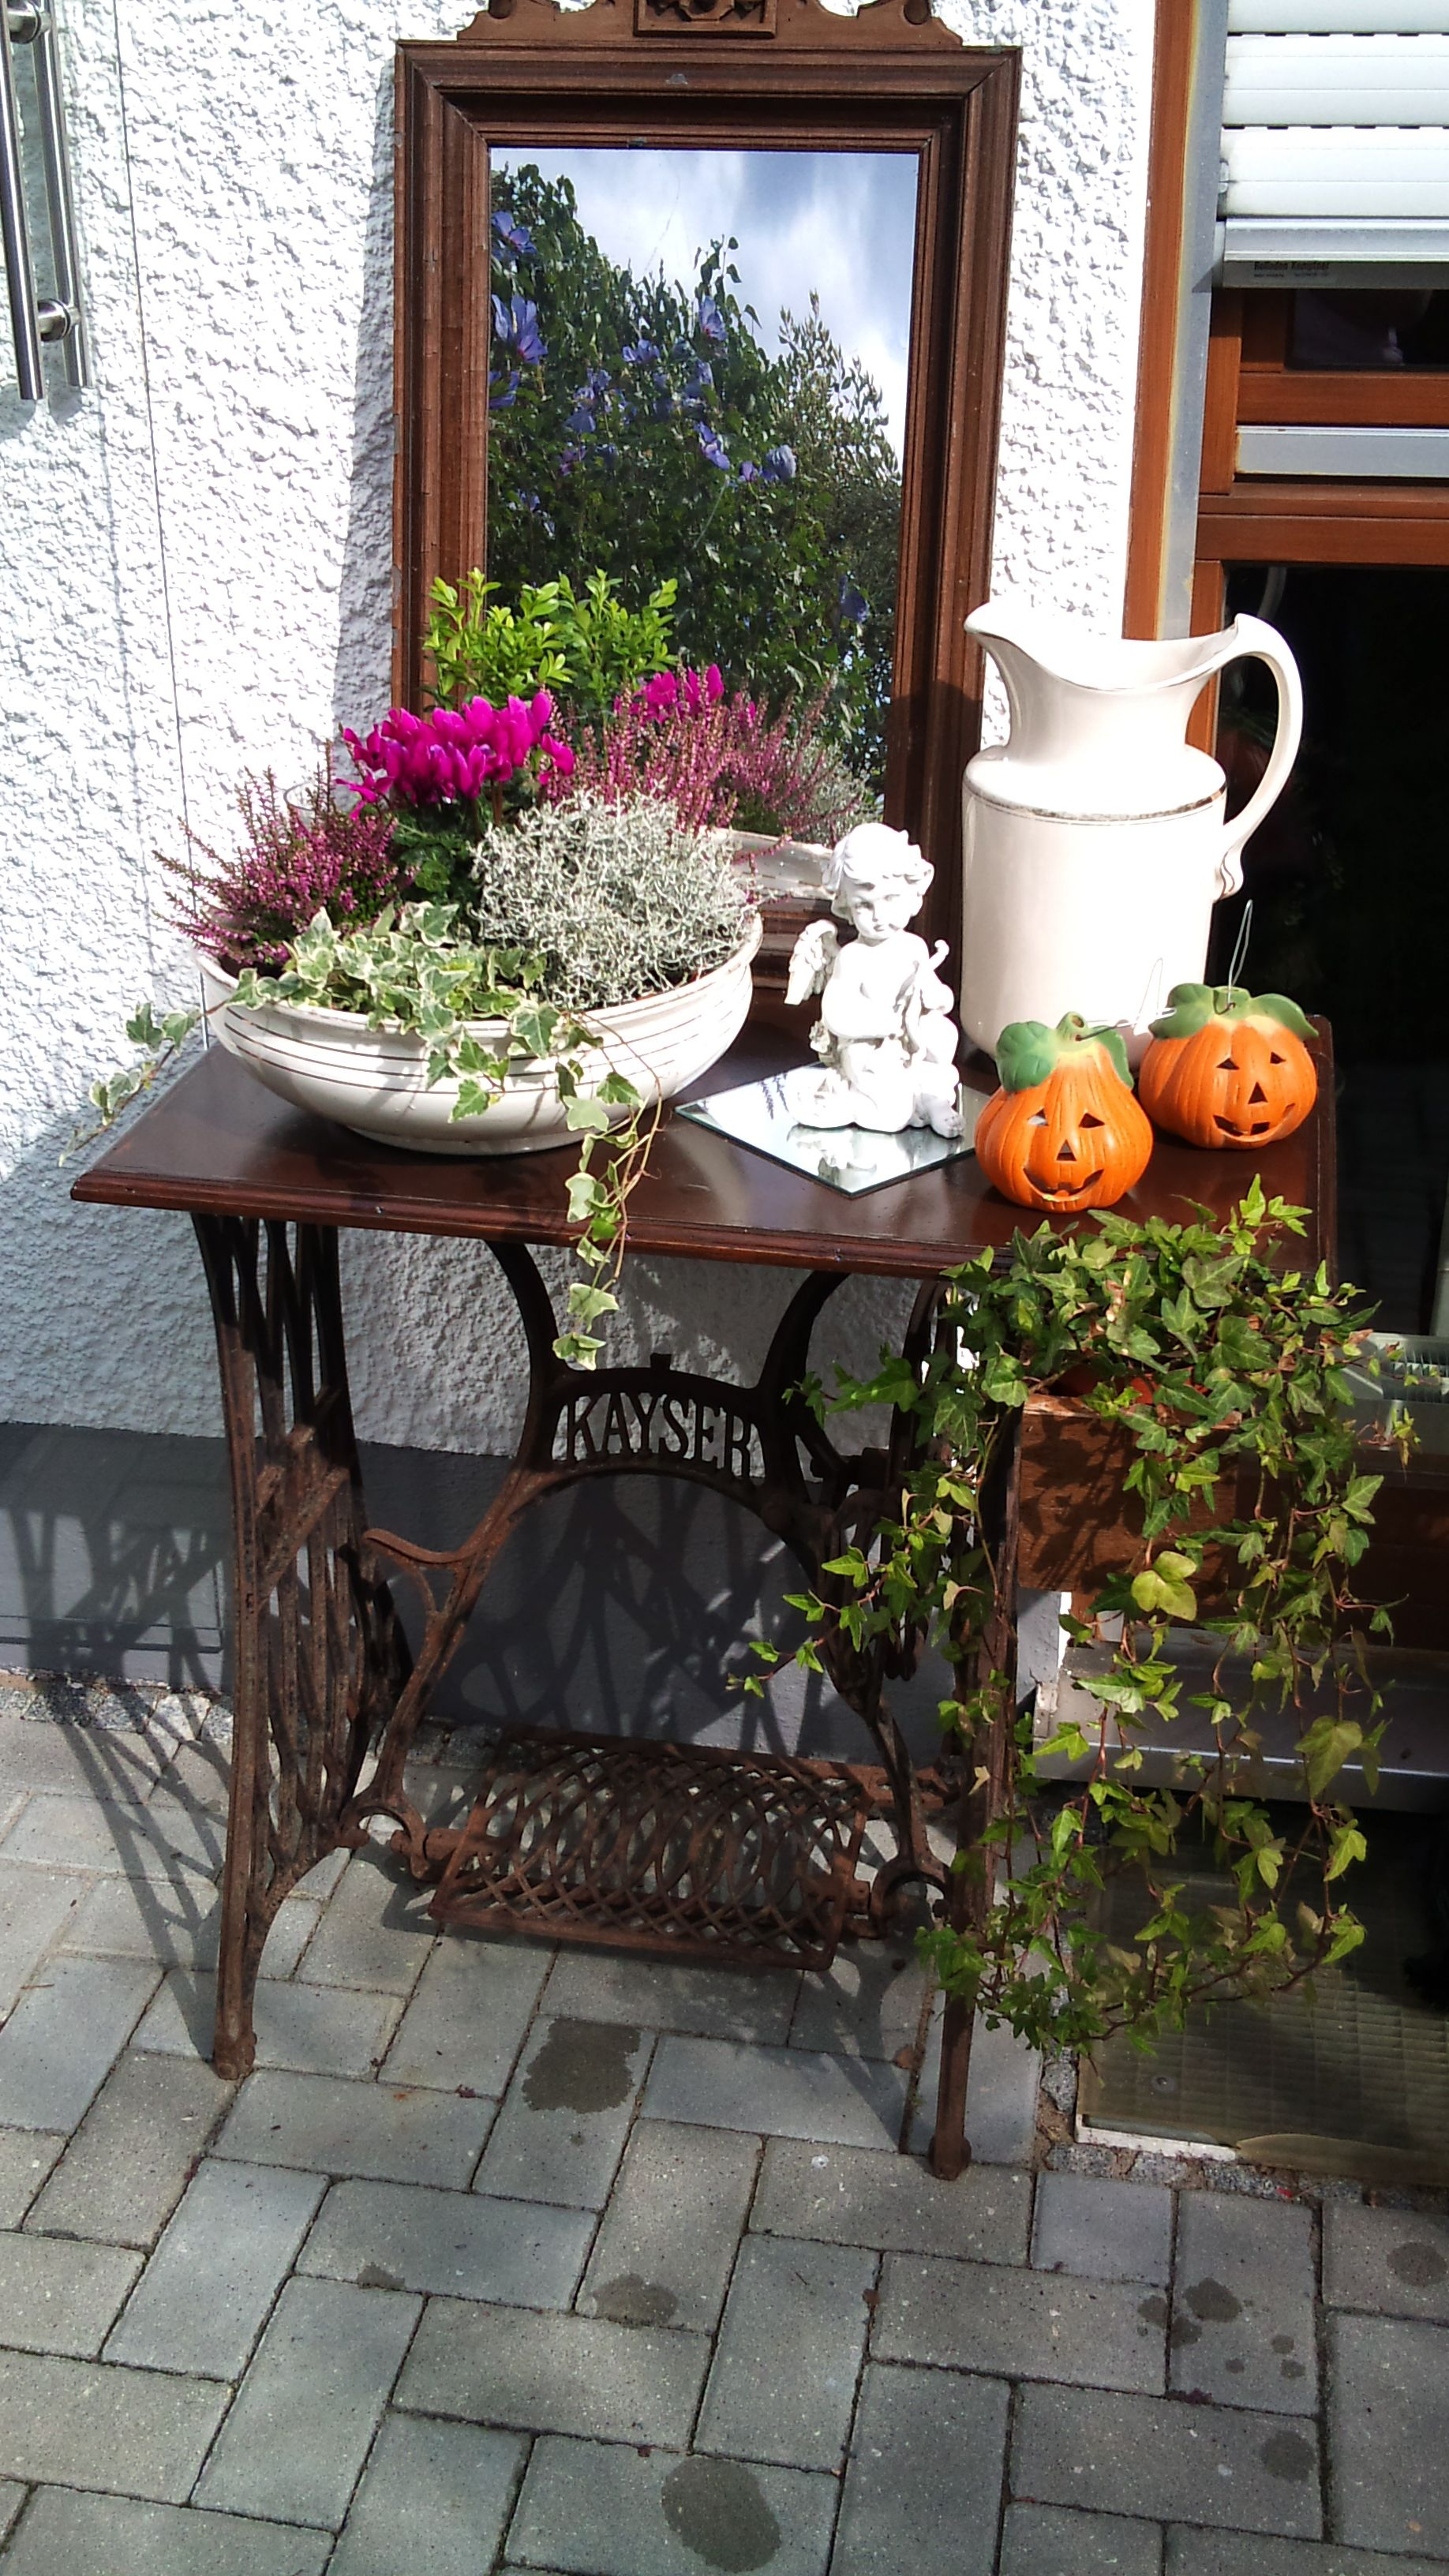 Pin van siv romanov op flowers pinterest tuin veranda en decoratie - Decoratie binnen veranda ...